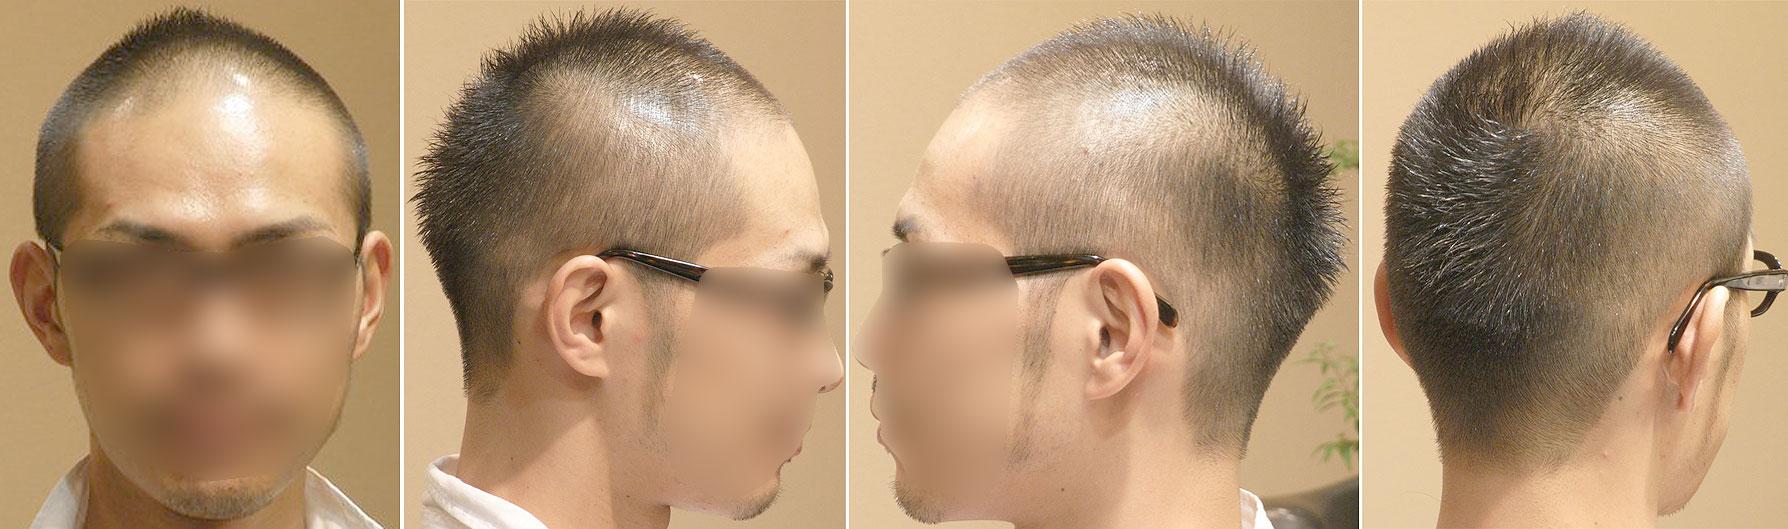 最新のヘアスタイル 男の子坊主 髪型 : クリエイティブボウズ】 : 薄 ...